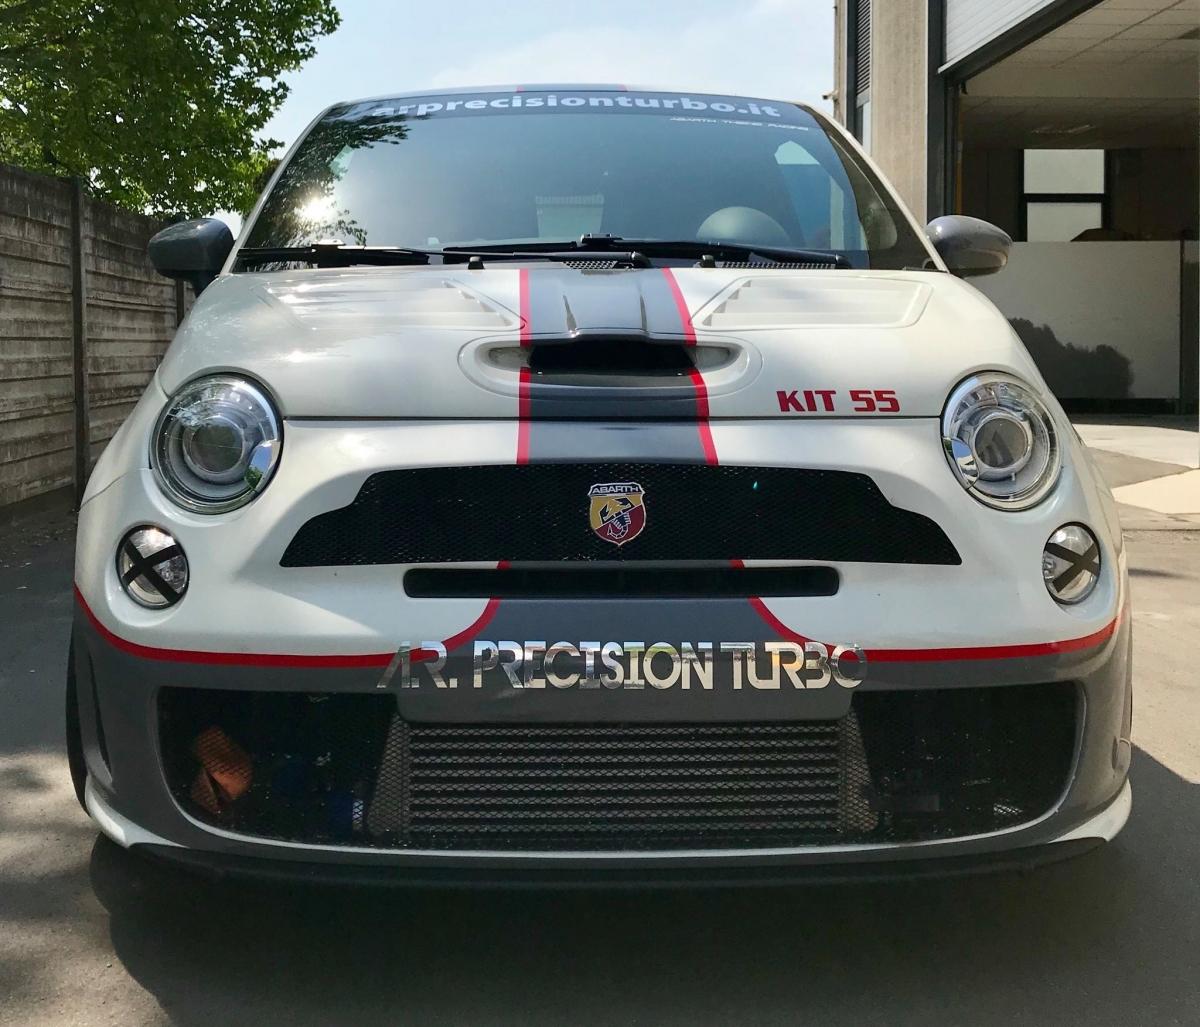 Ar Precision Turbo Vicenza: Cadamuro Design